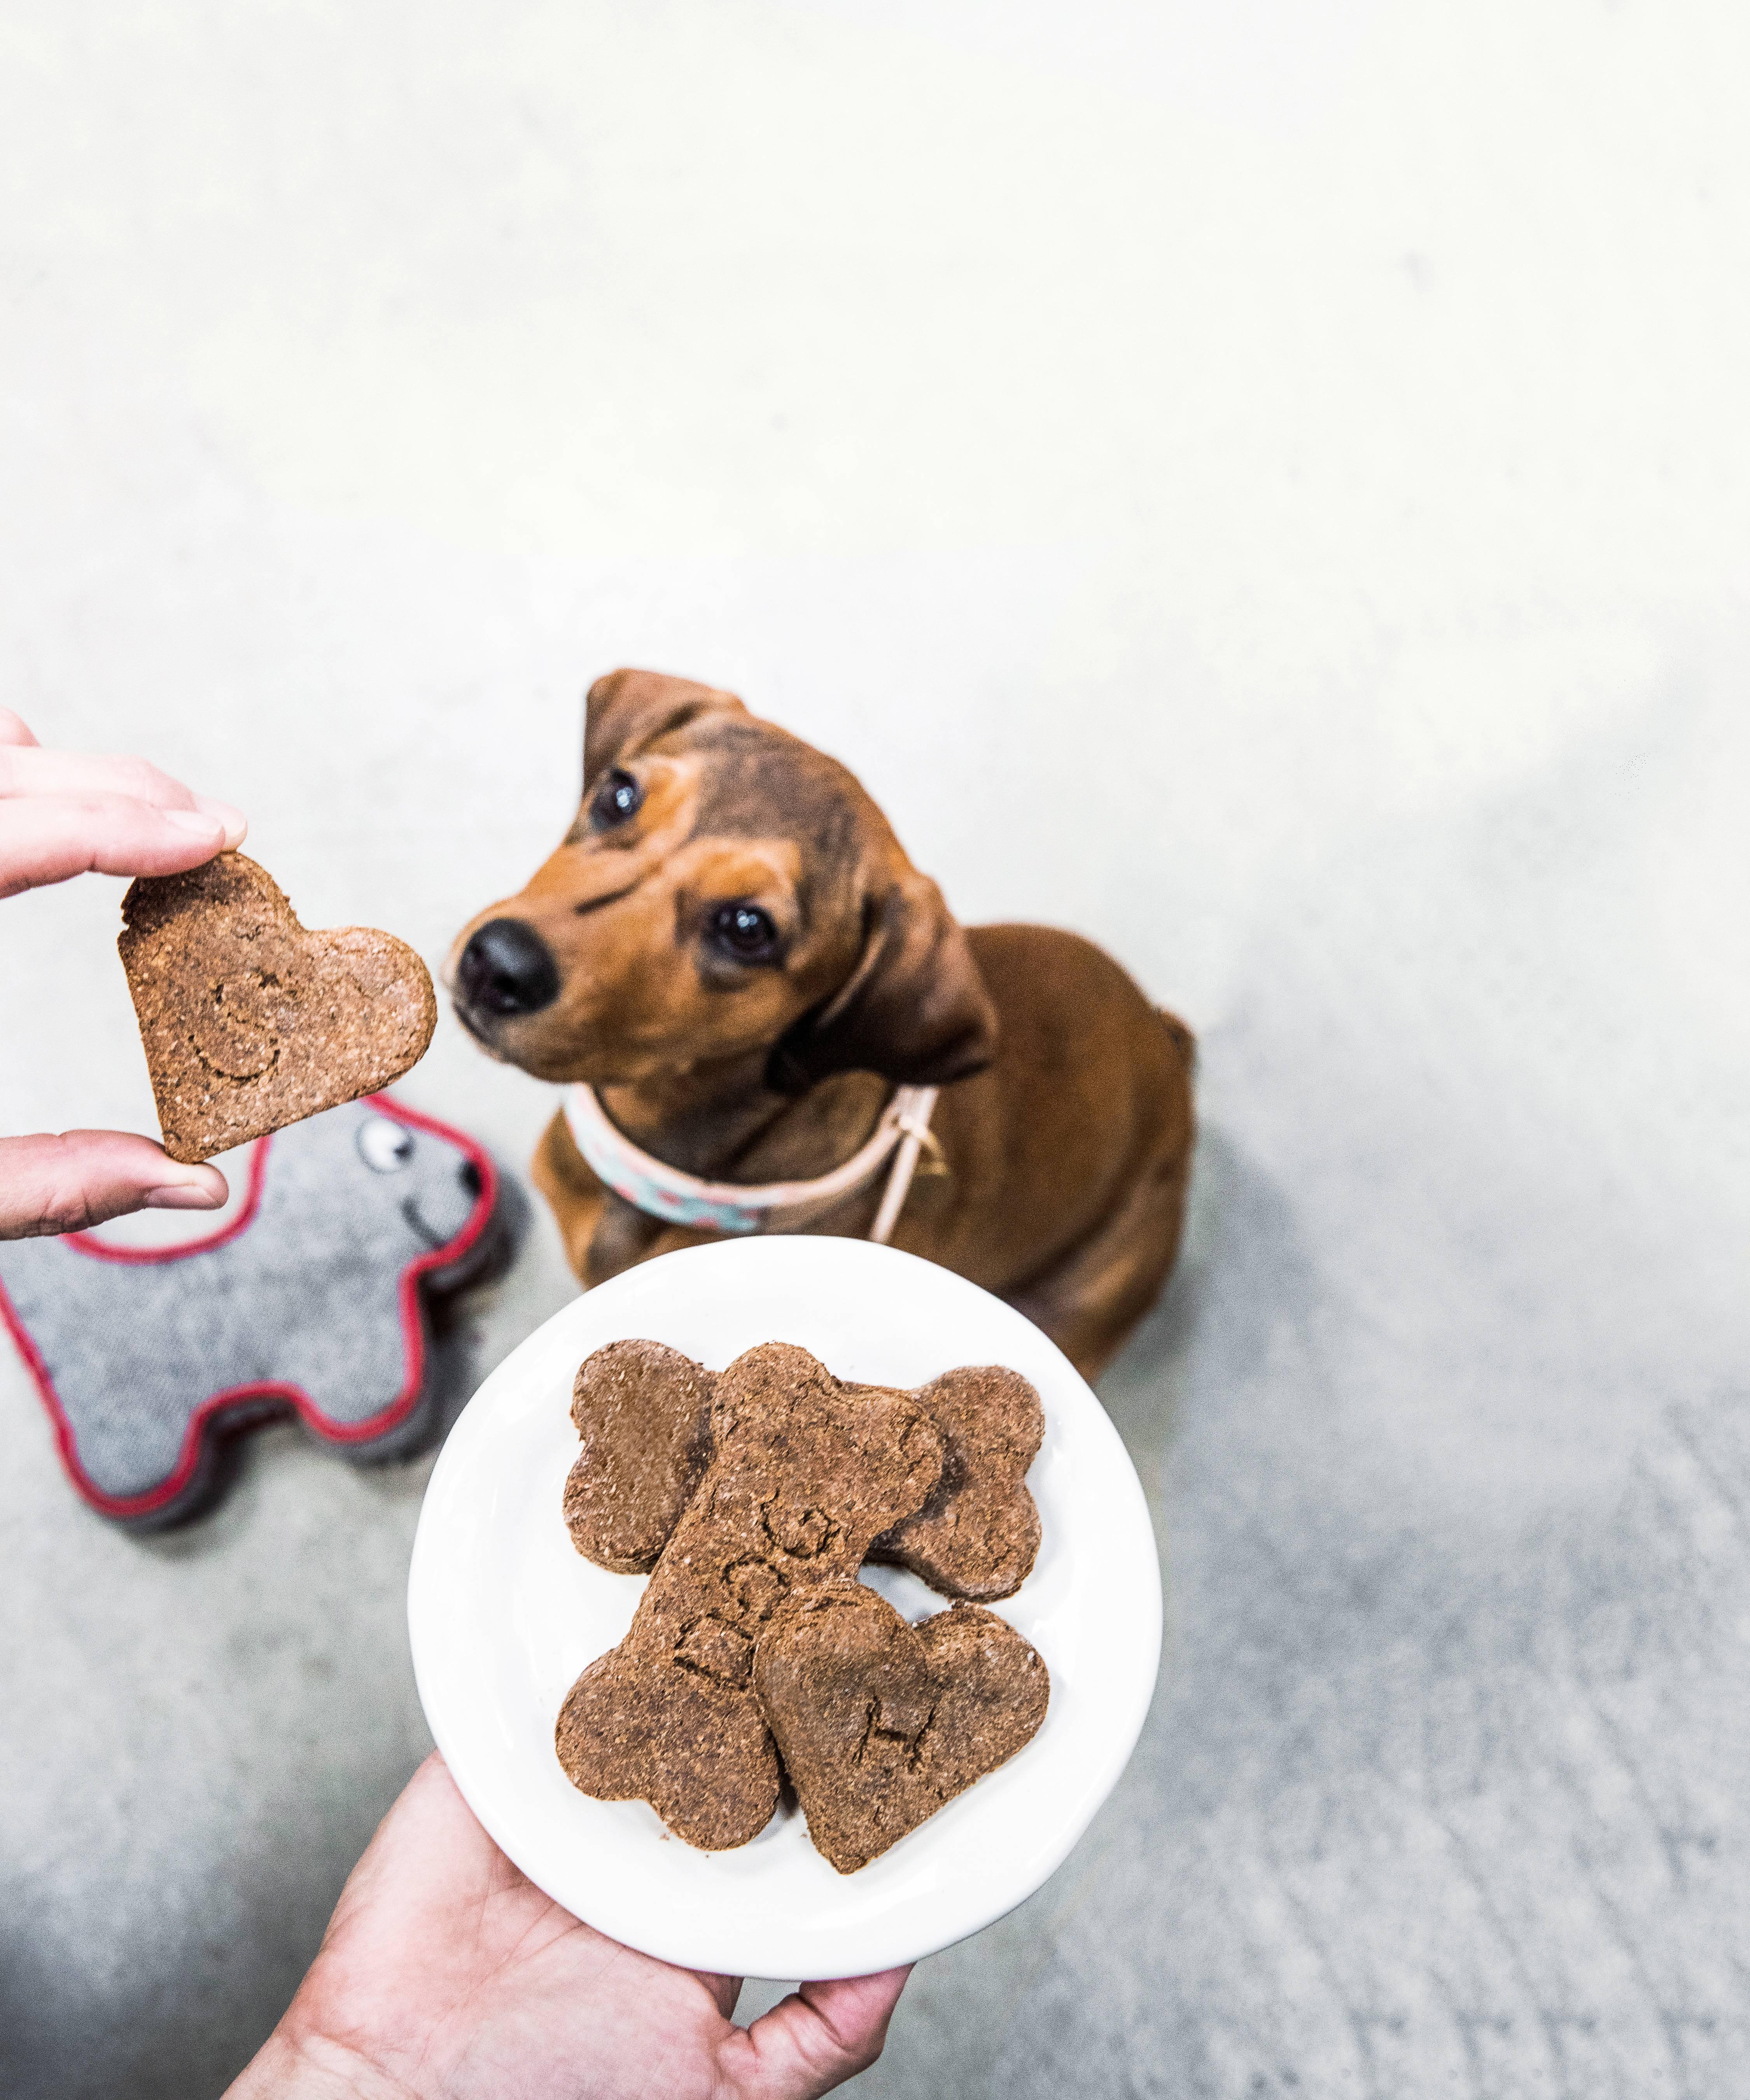 Чем поощрять собаку: какие лакомства давать щенку, собаке при дрессировке - dogtricks.ru